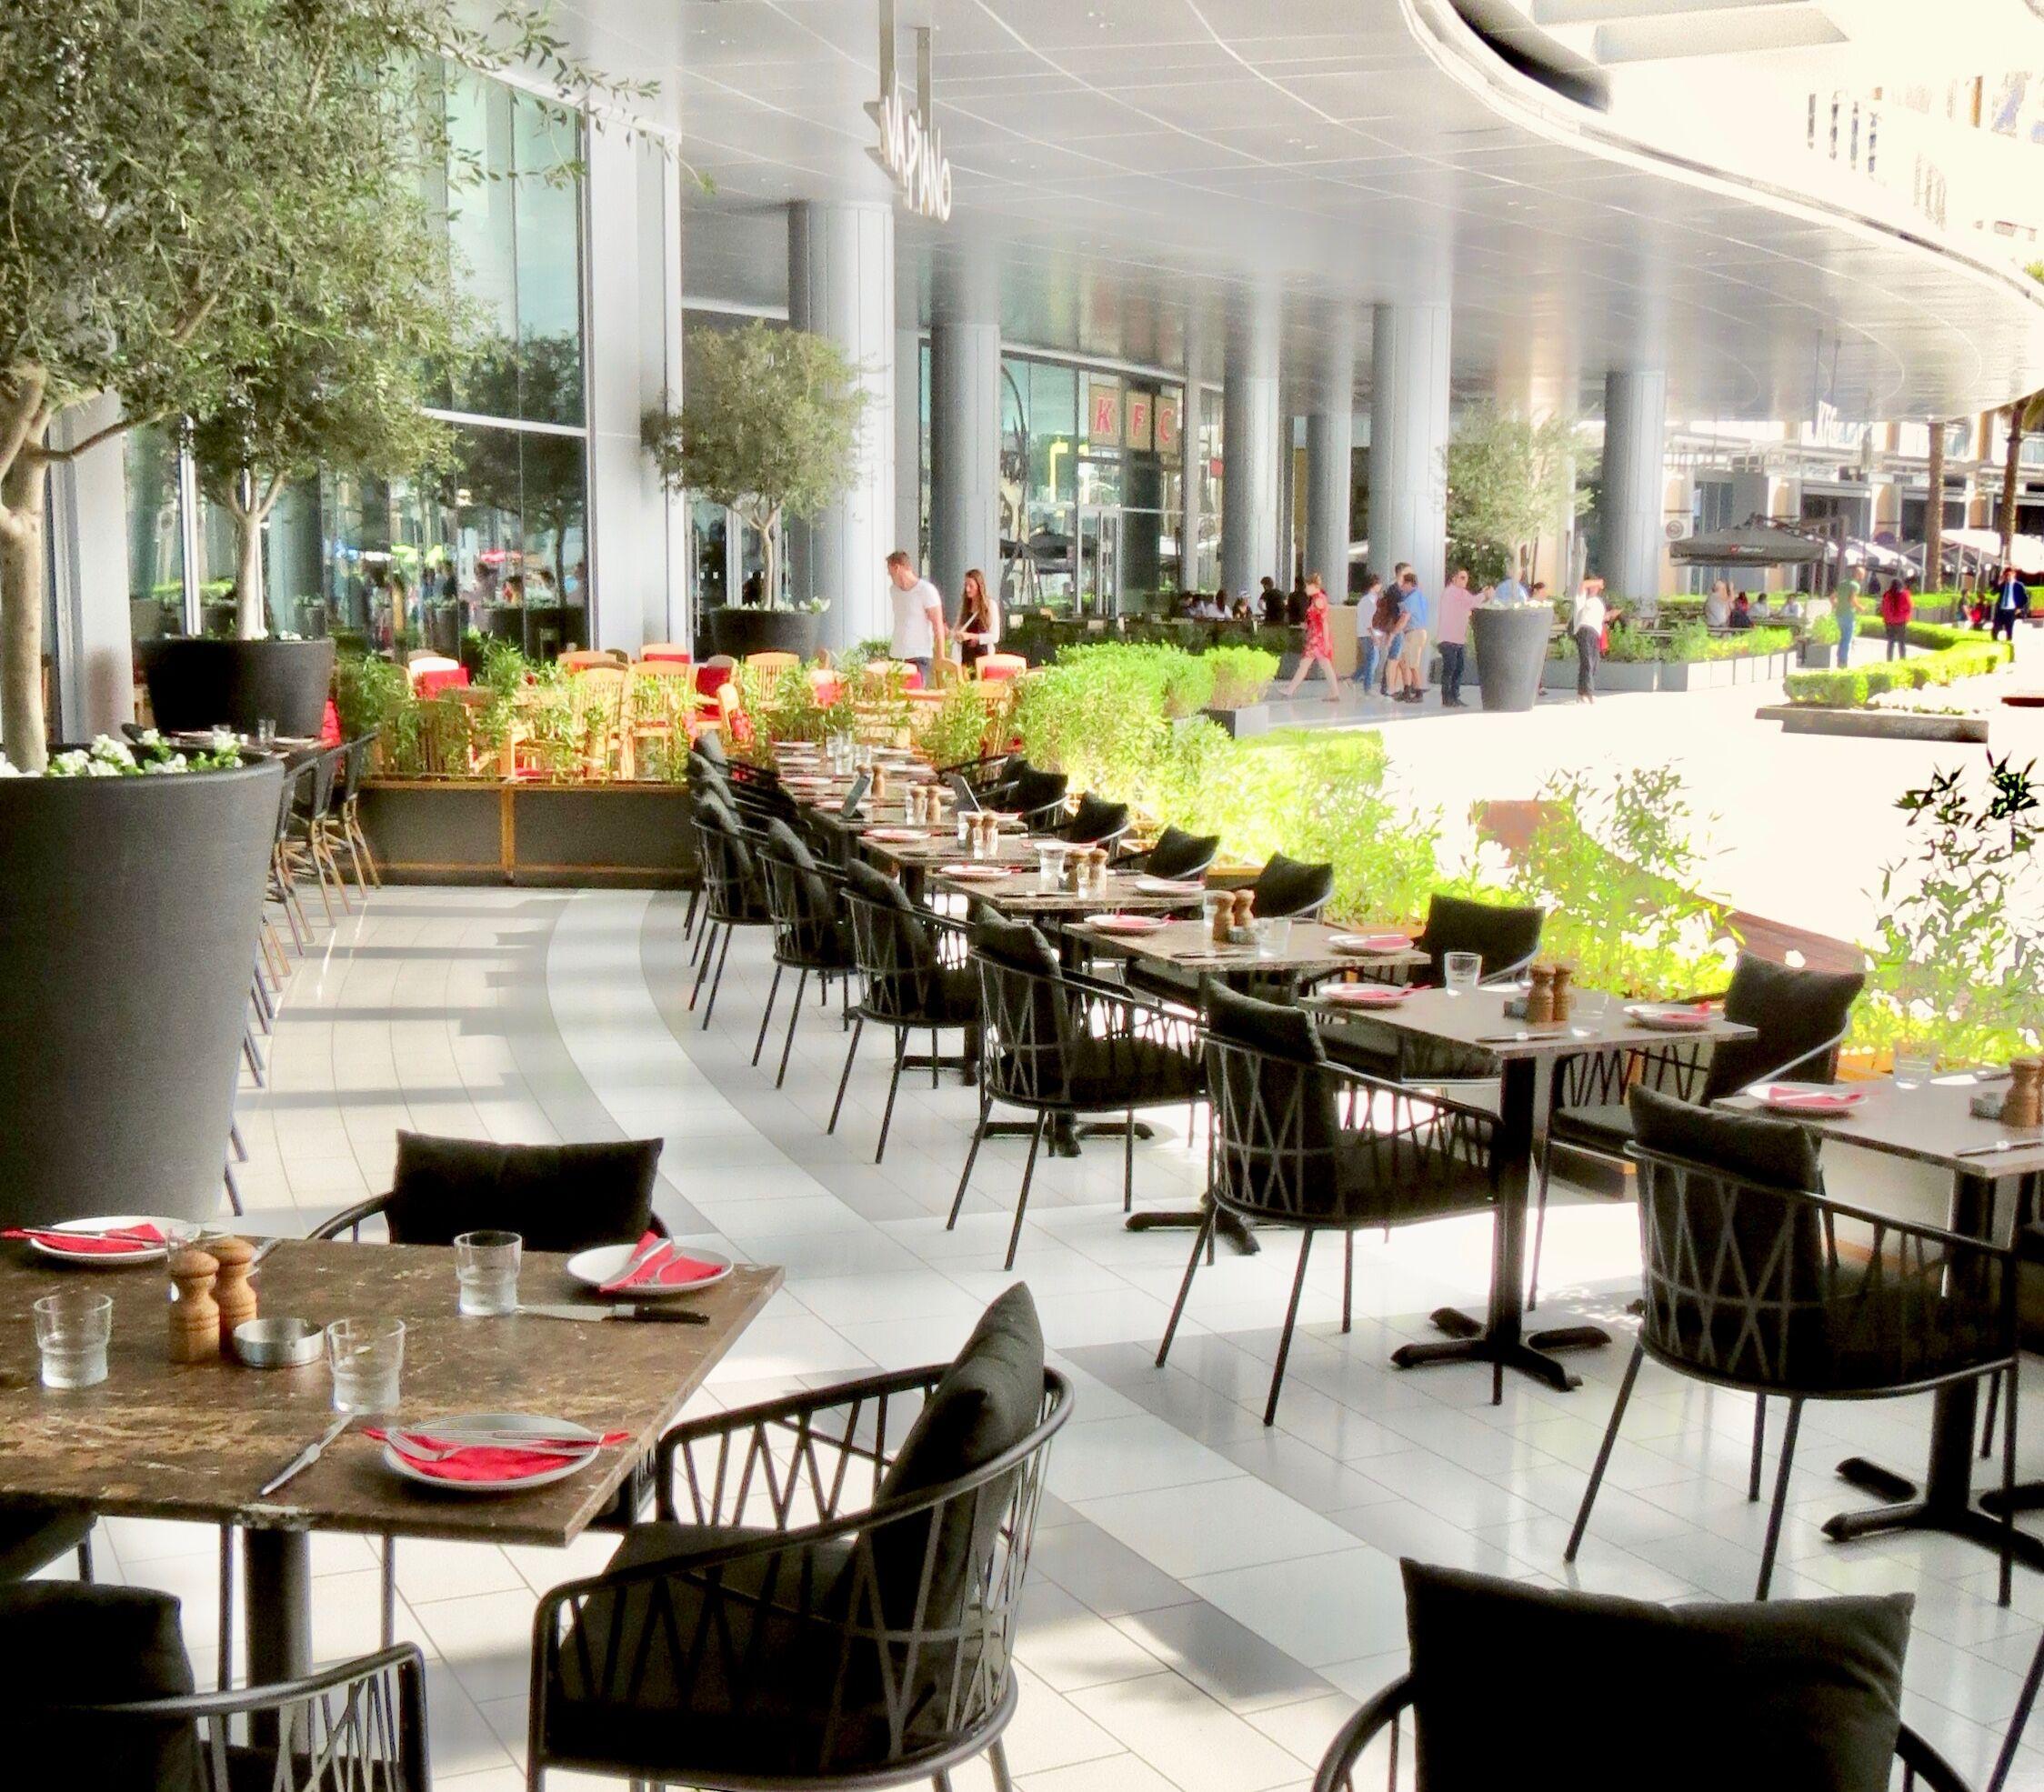 مطعم هوريكان جريل يبتكر أصناف برجر مستوحاة من الصحراء